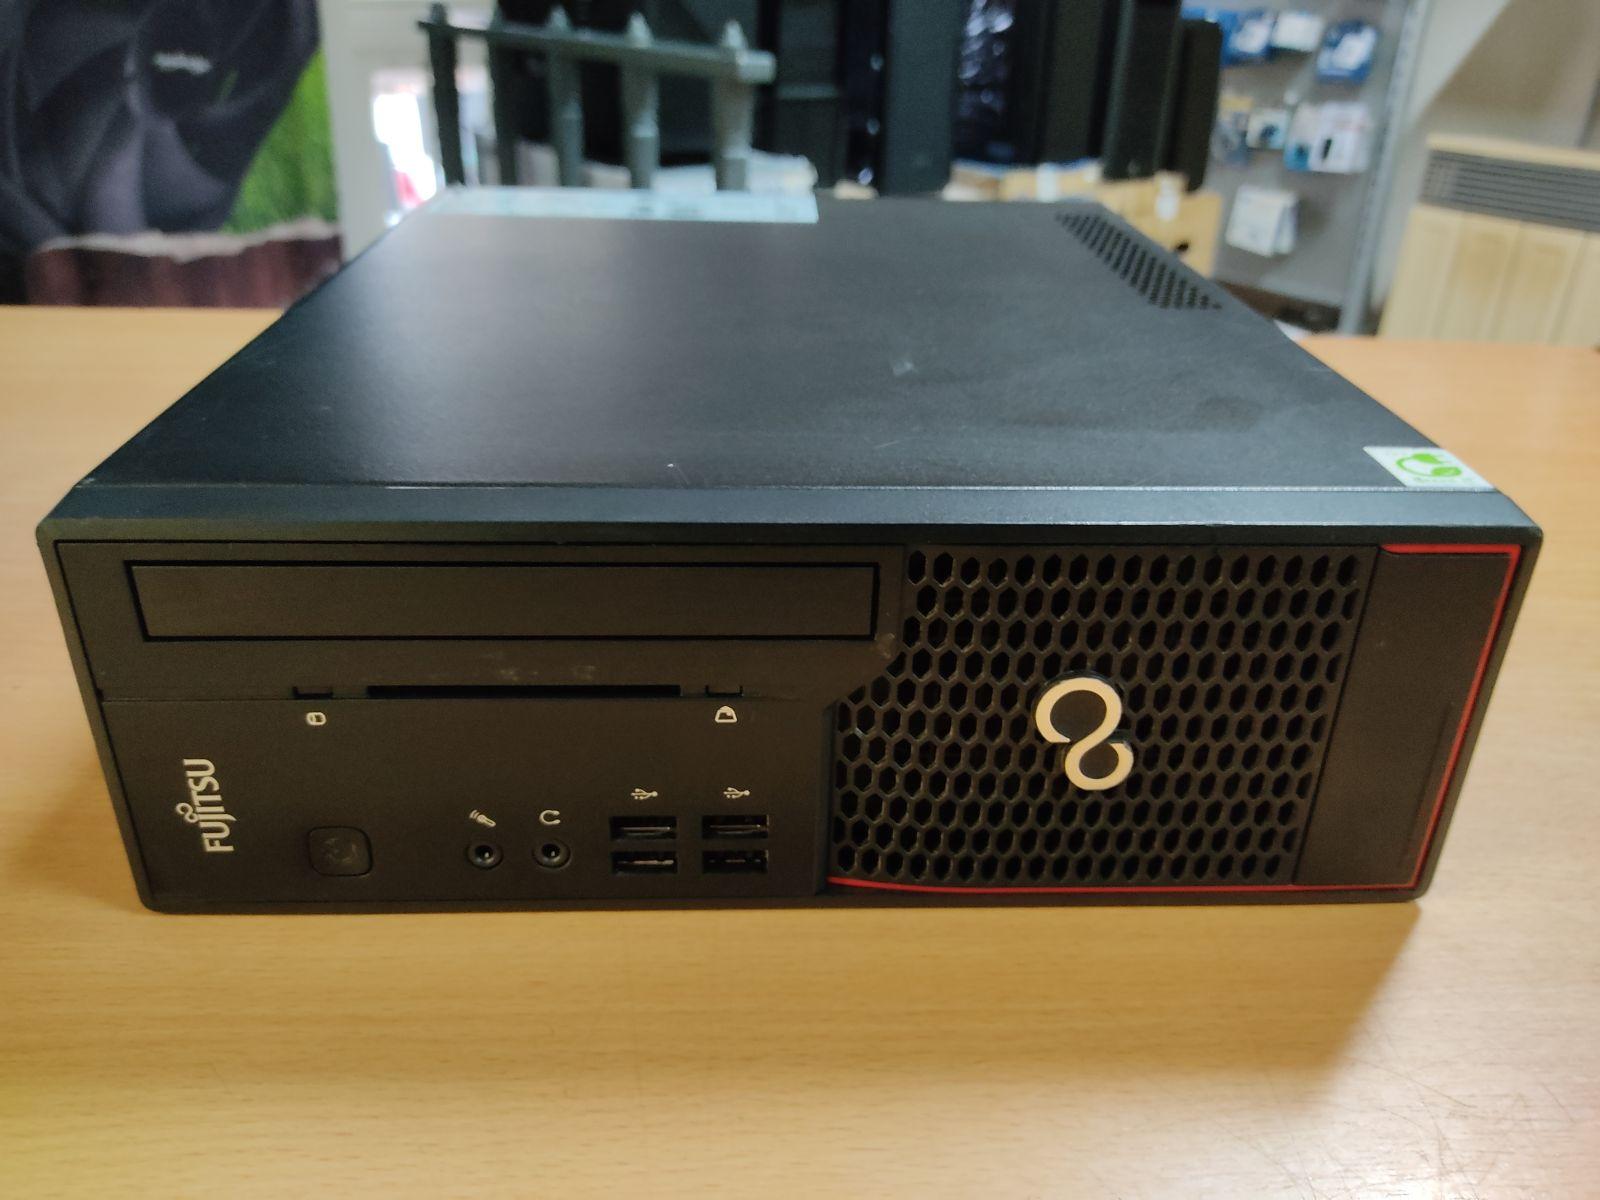 Fujitsu Esprimo C710 Intel i3 3220 / 8 GB DDR3 / 500 GB HDD használt 3 hó gar!